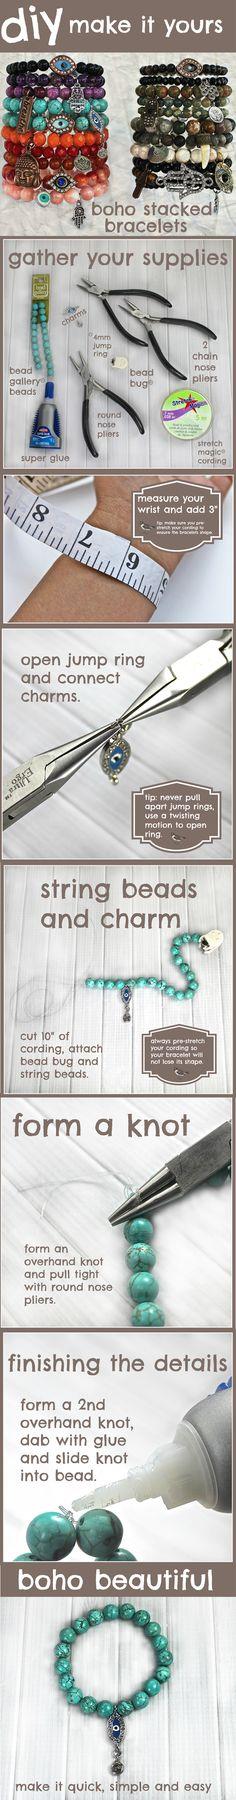 DIY Boho Stacked Bracelets